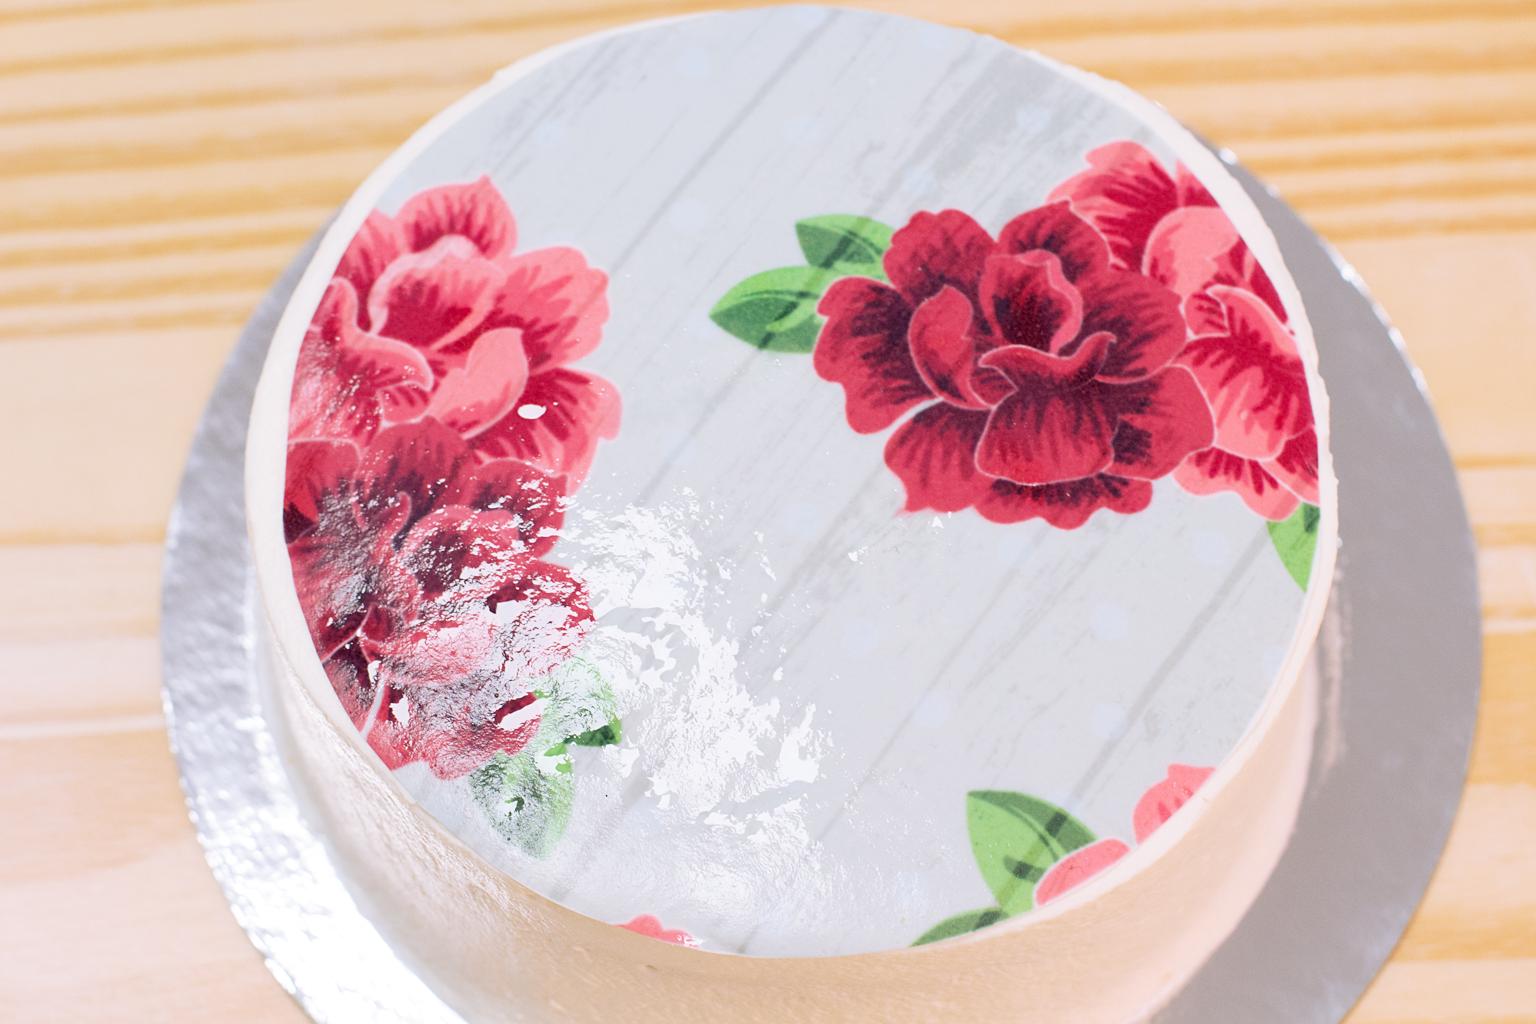 impresion en papel de azúcar sobre nata